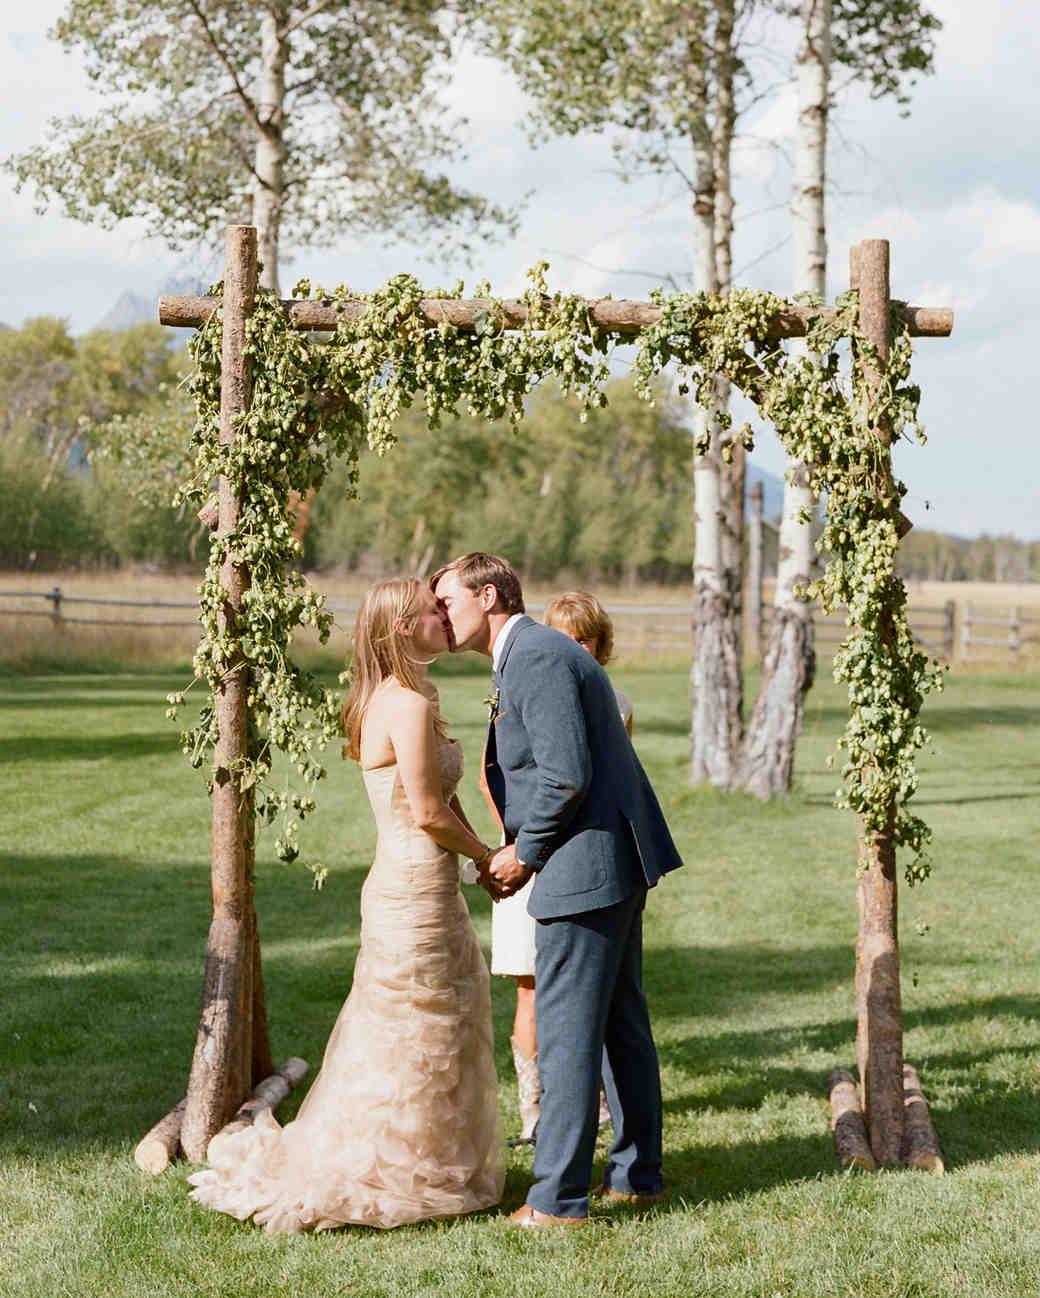 callie-eric-wedding-ceremony-390-s112113-0815.jpg